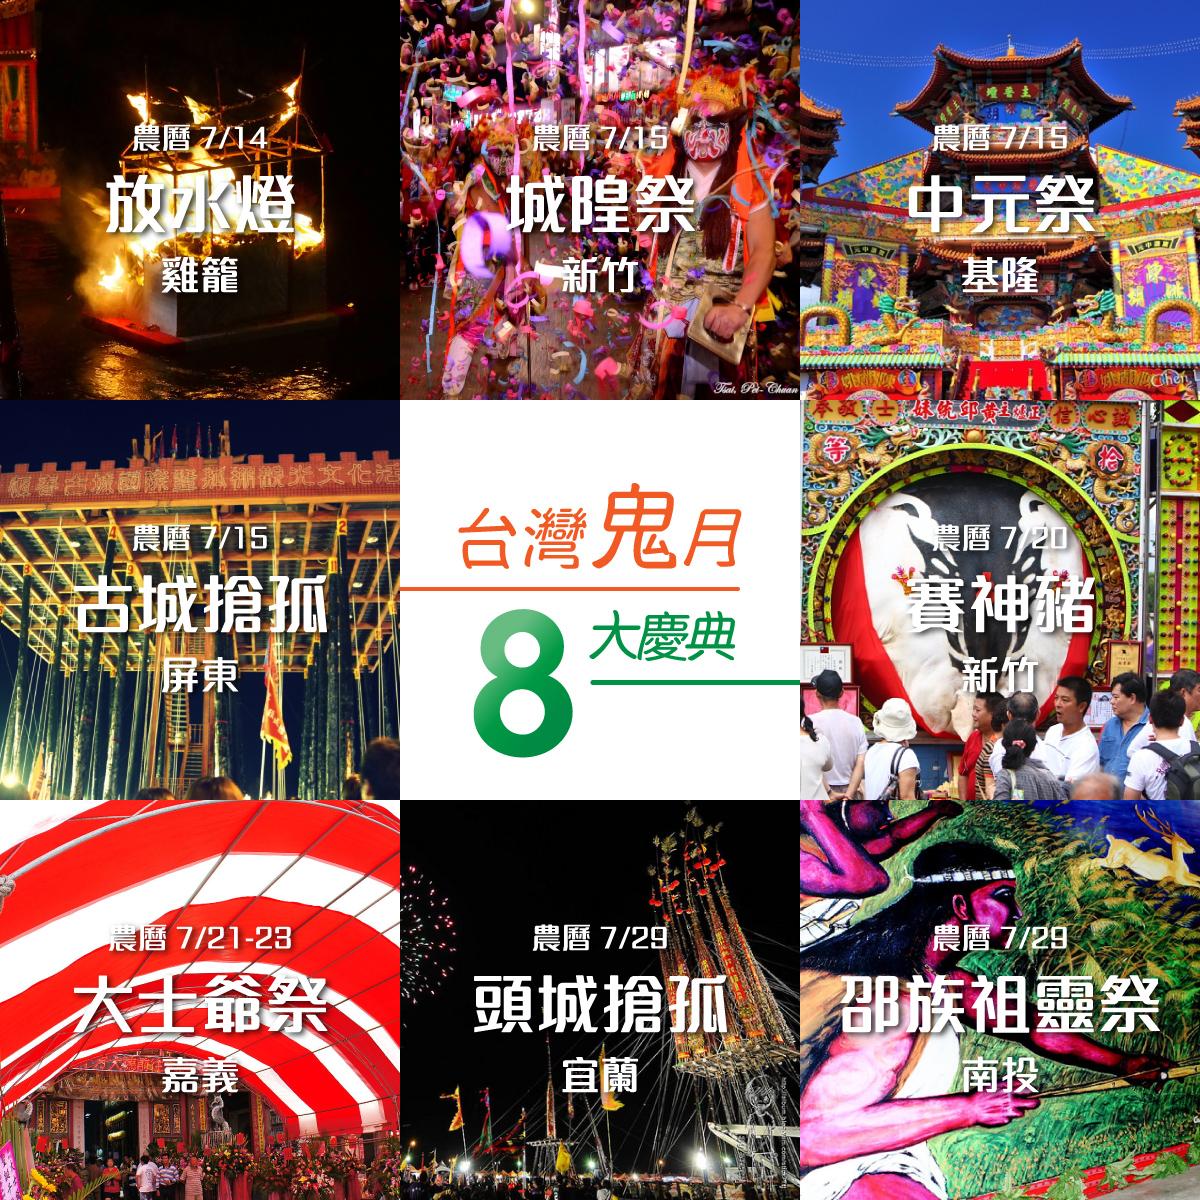 台灣鬼月8大慶典